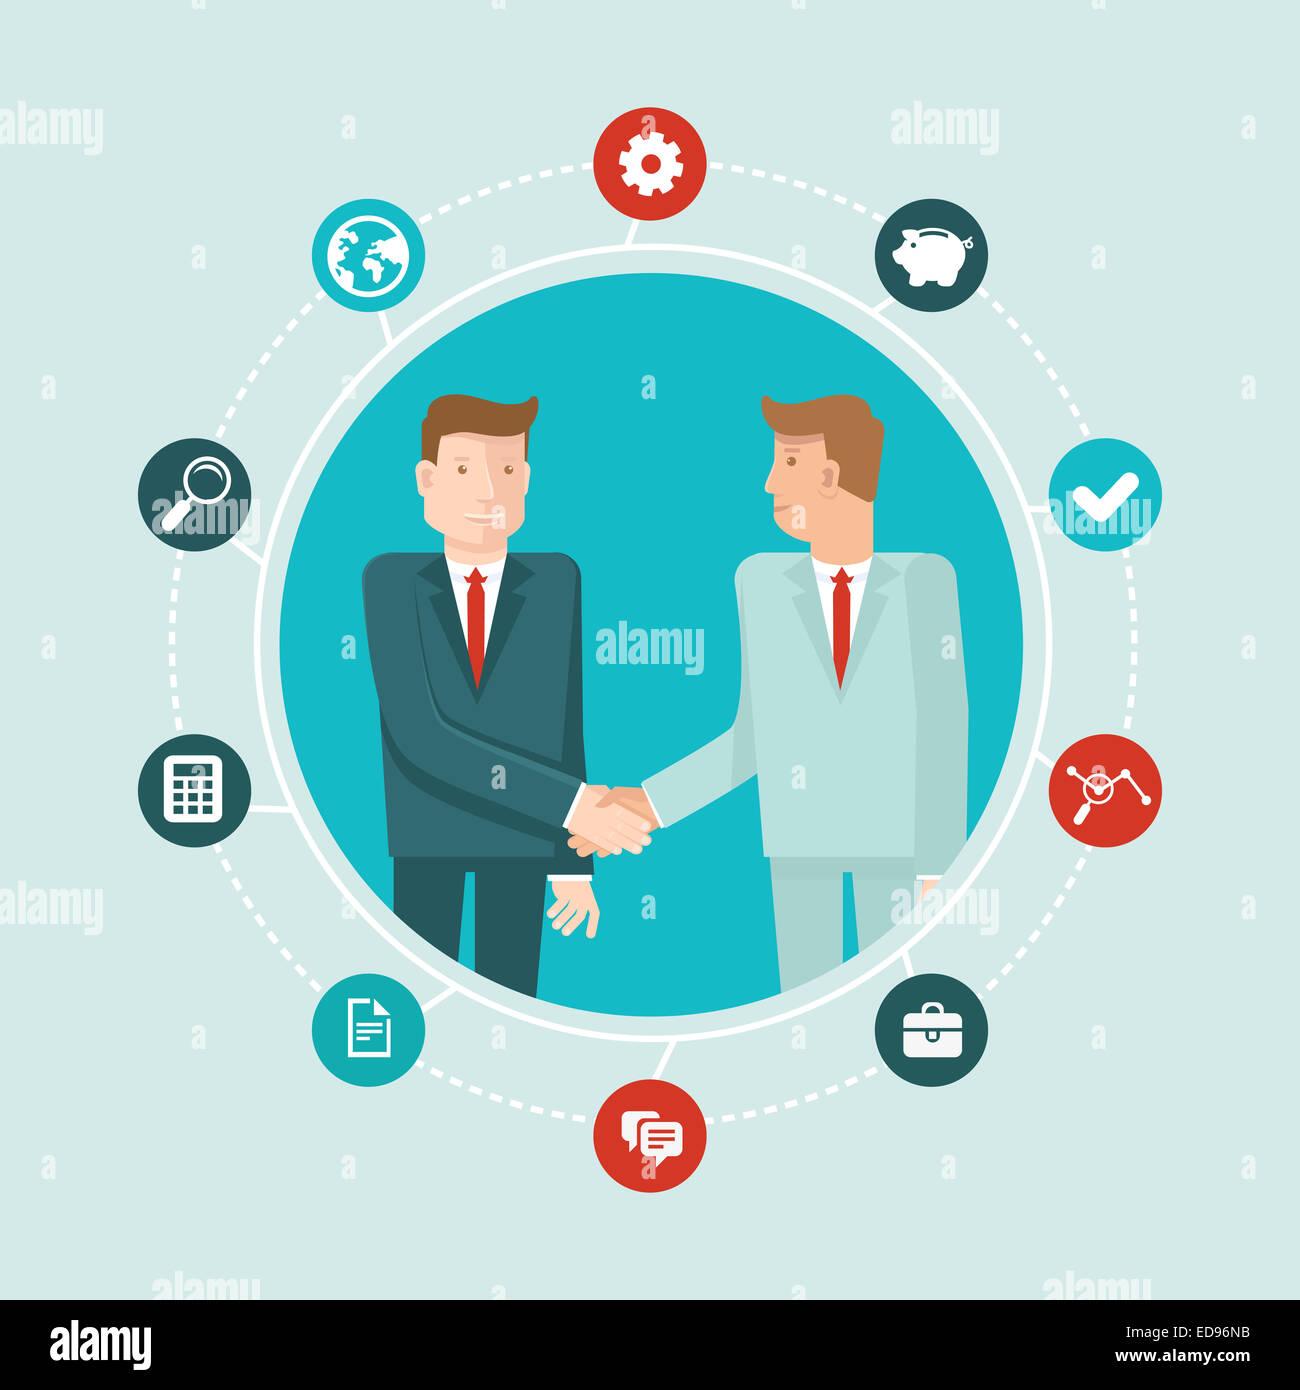 El trabajo en equipo y la cooperación concepto en estilo plano - parejas masculinas se estrechan las manos Imagen De Stock